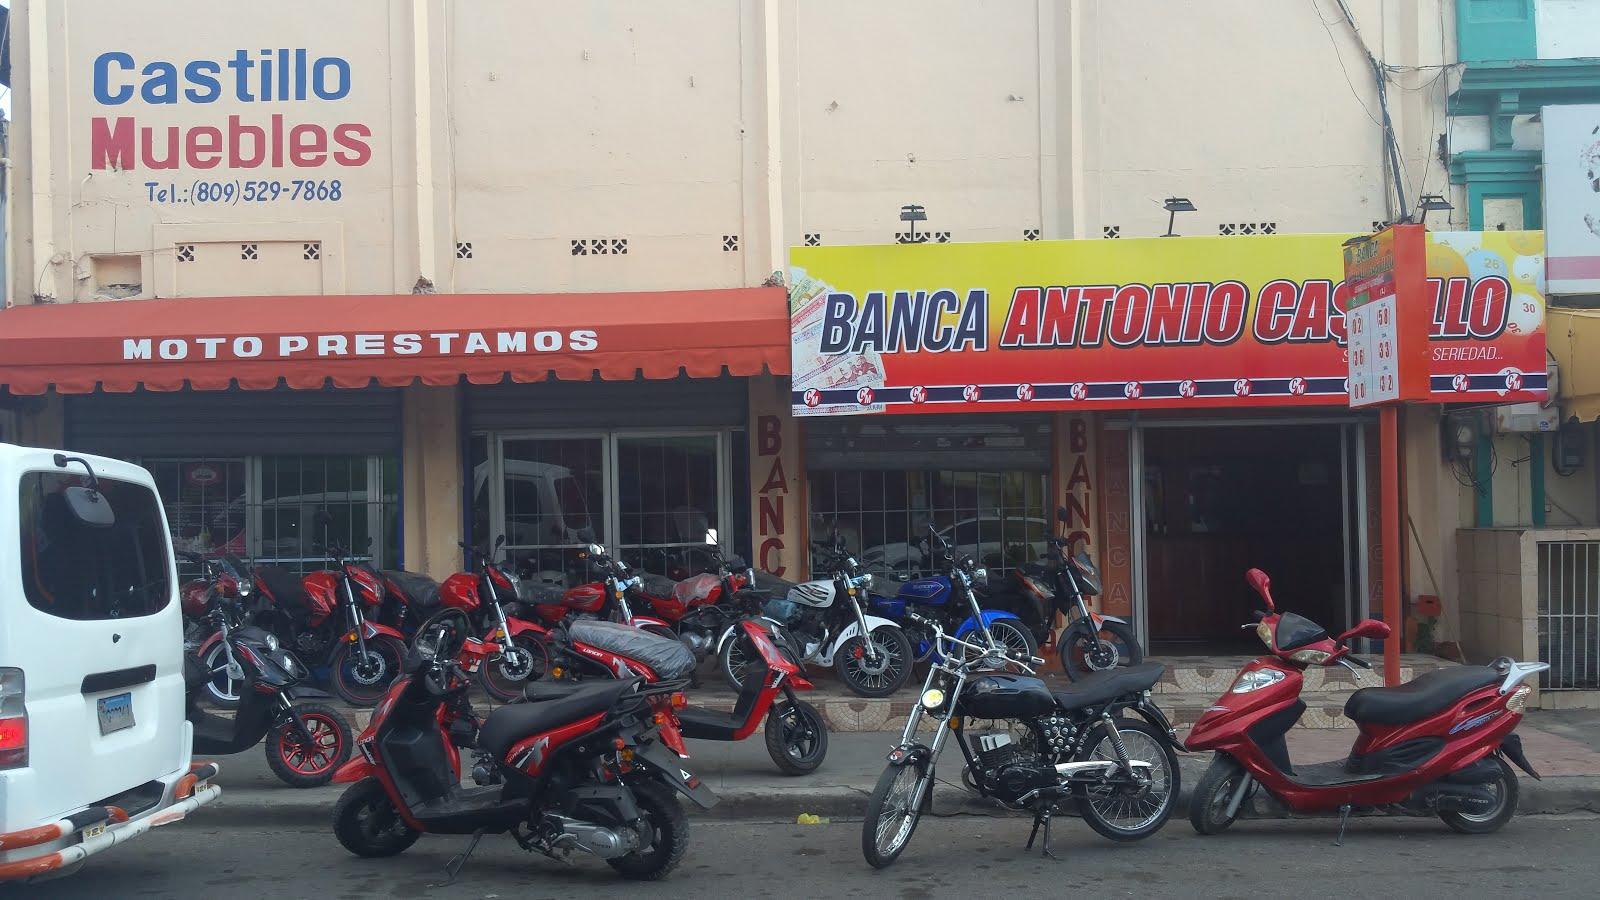 Inversiones Castillo Ventas de Muebles, Bancas y Motocicletas